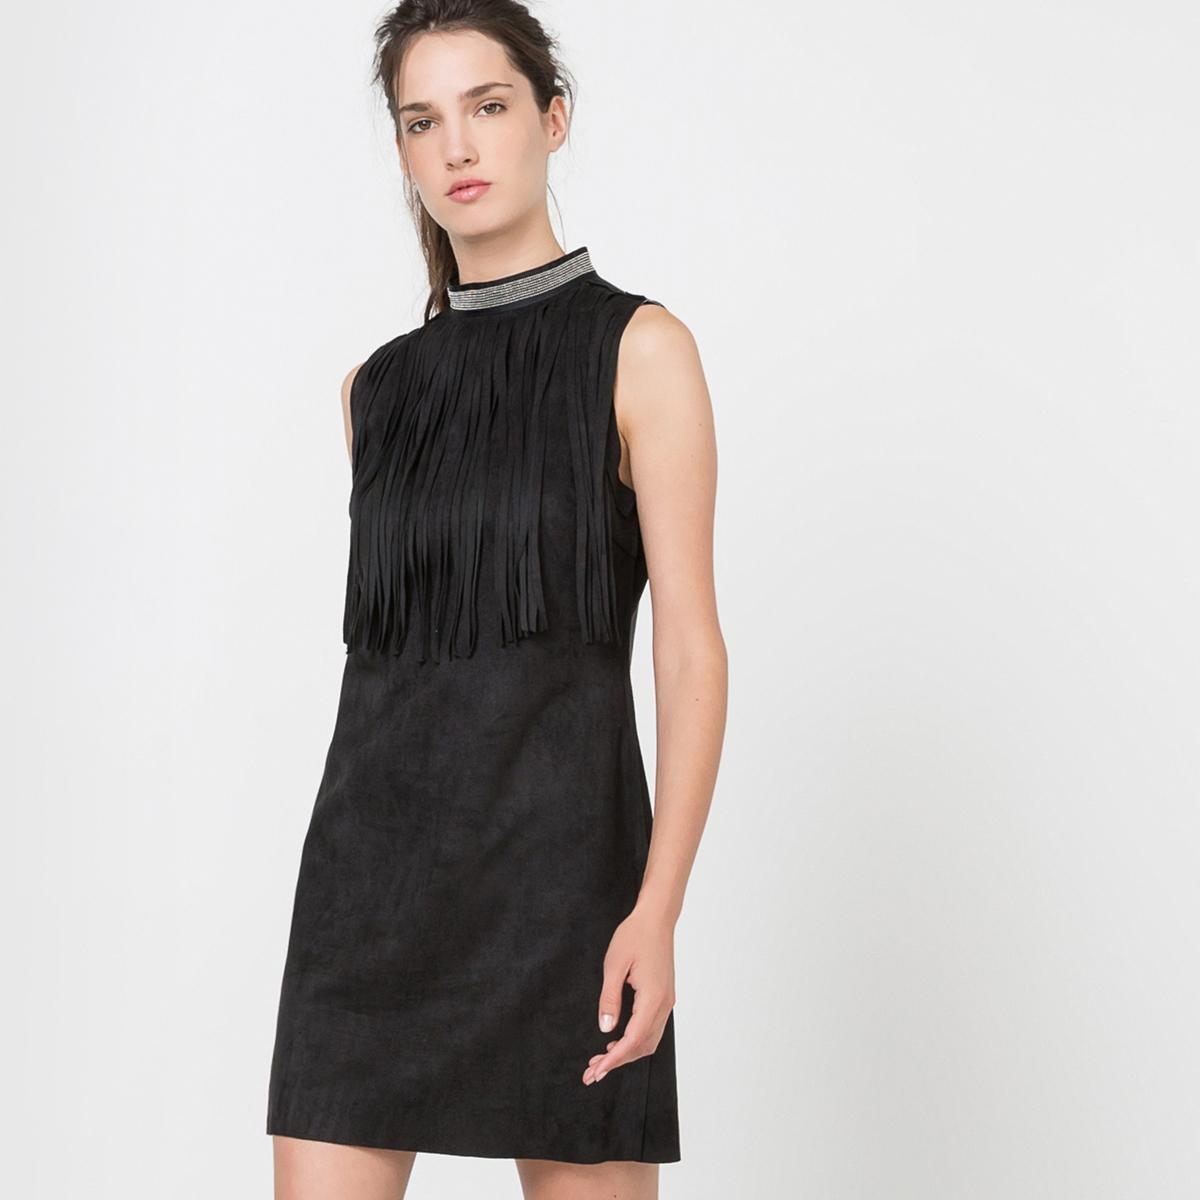 Платье без рукавовСостав и описаниеМатериал: 100% полиэстер.Марка: MOLLY BRACKEN.УходСтирать при 30°C с вещамиподобныхцветов.Стирать и гладить с изнанки.<br><br>Цвет: черный<br>Размер: L.M